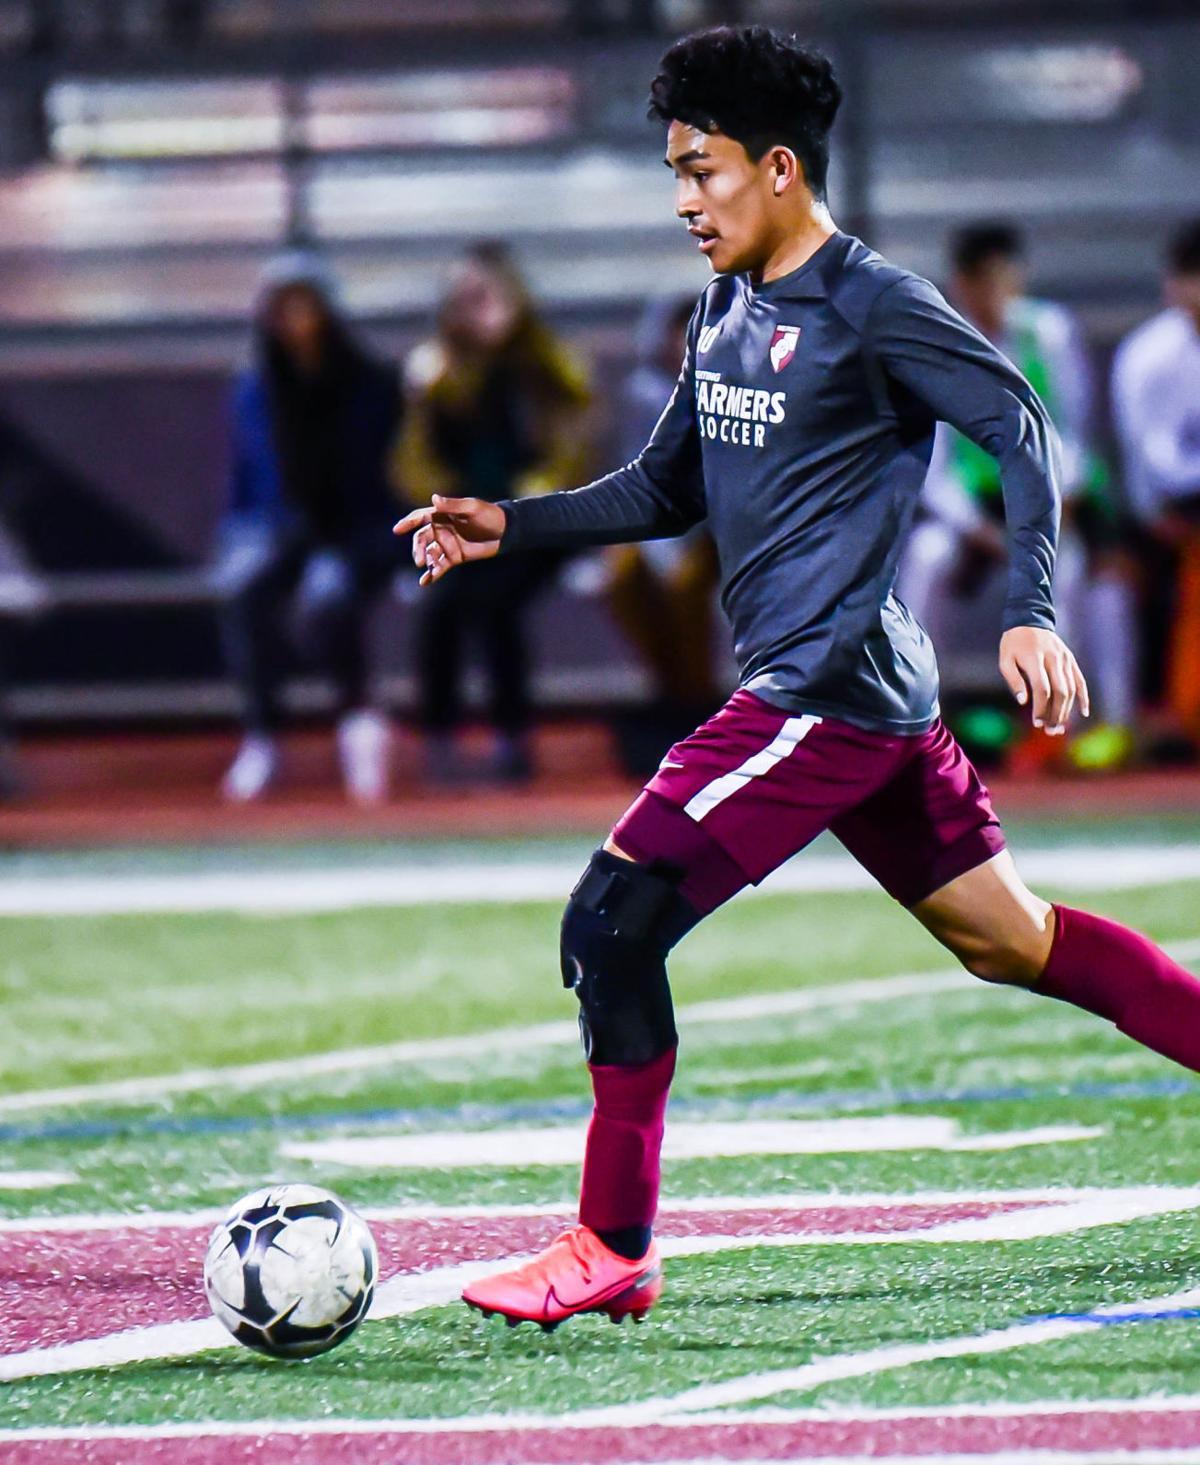 Lewisville Soccer Fernando Gonzalez